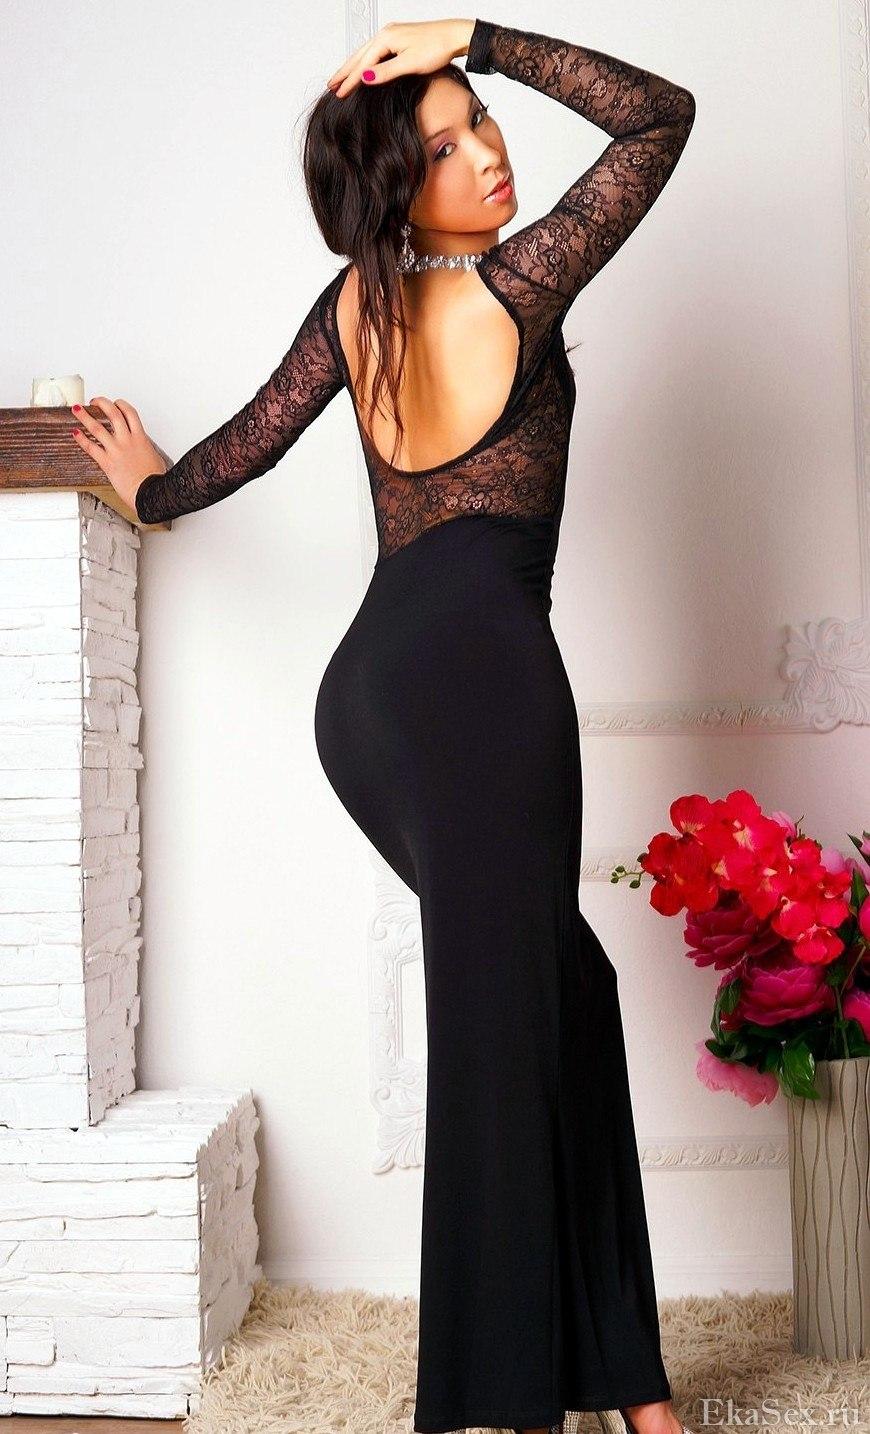 фото проститутки Кира из города Екатеринбург